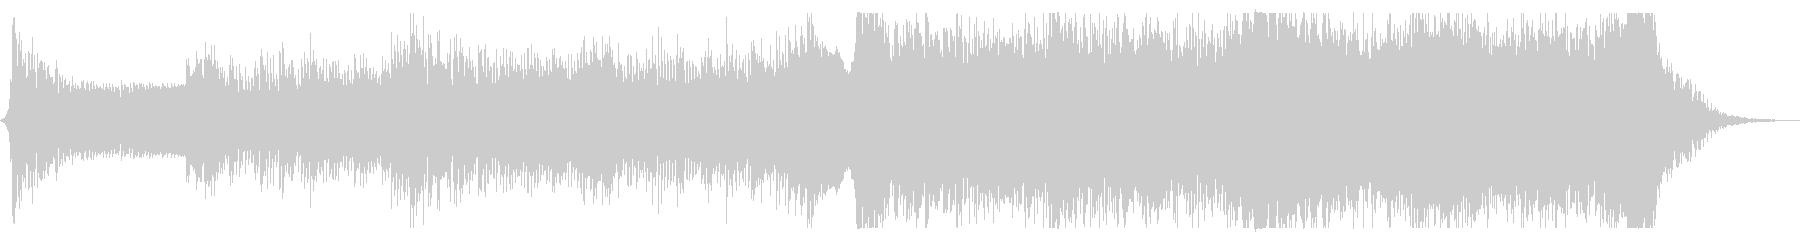 緊迫感のあるEpic系オーケストラの未再生の波形